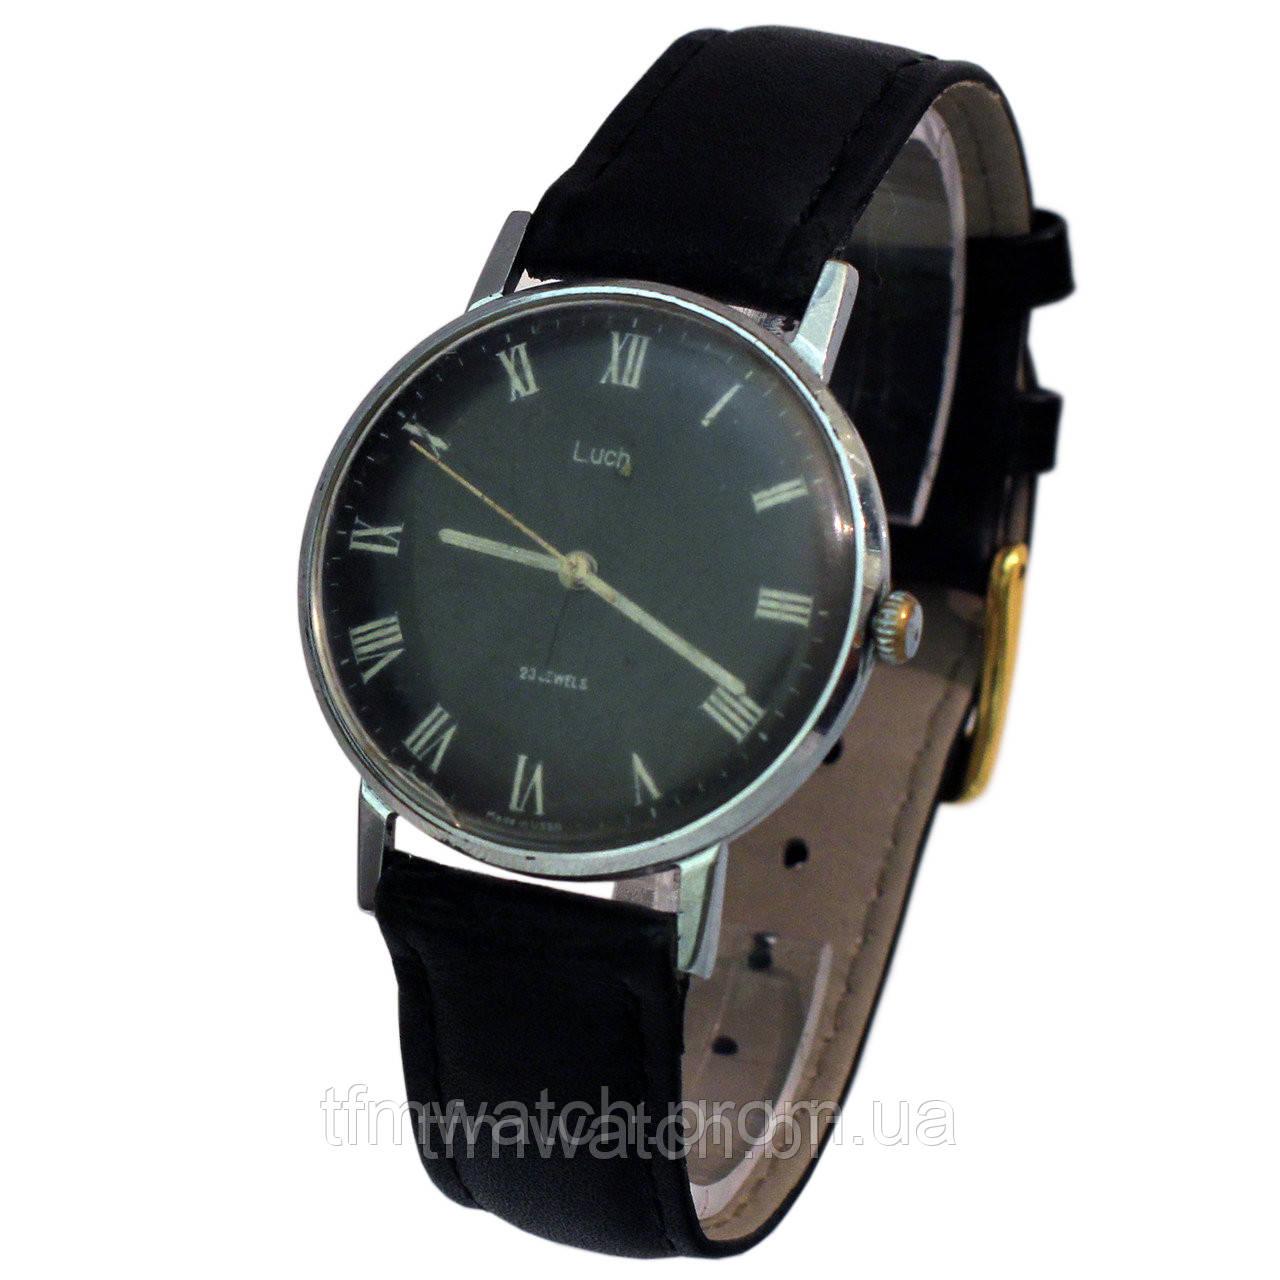 Цена 23 часы камня продать луч часы механические купить продать